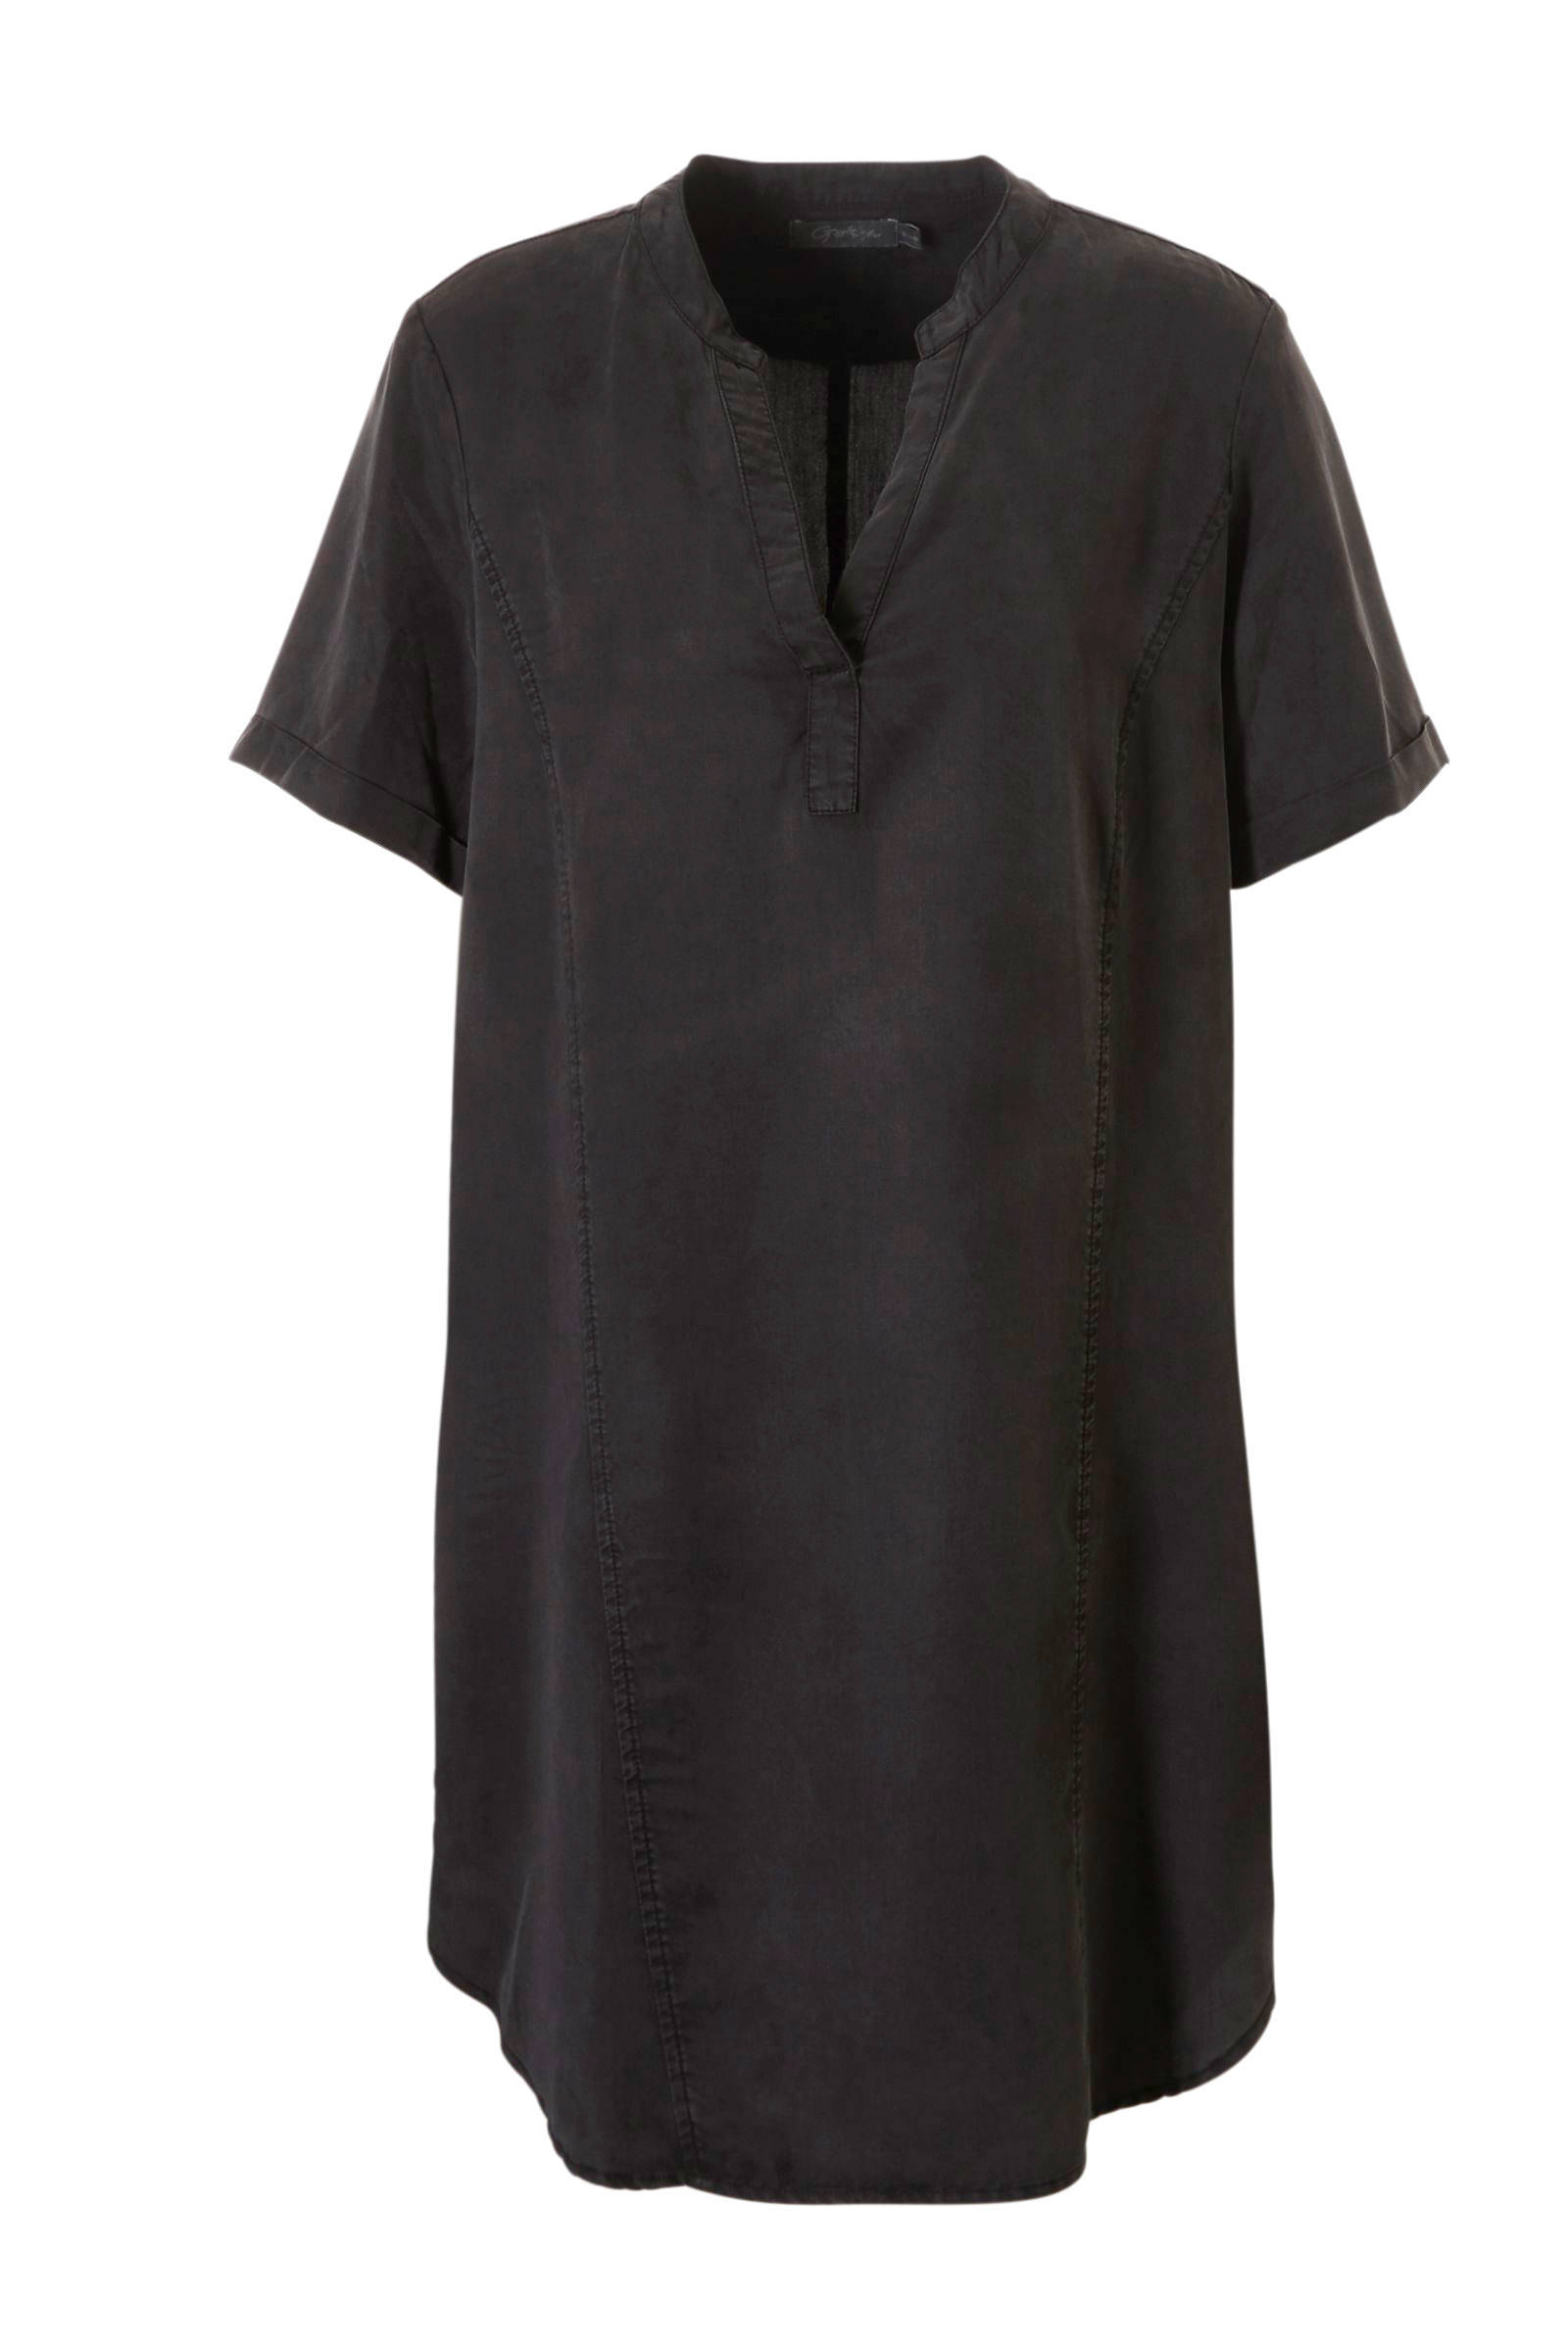 zwarte tuniek lange mouw